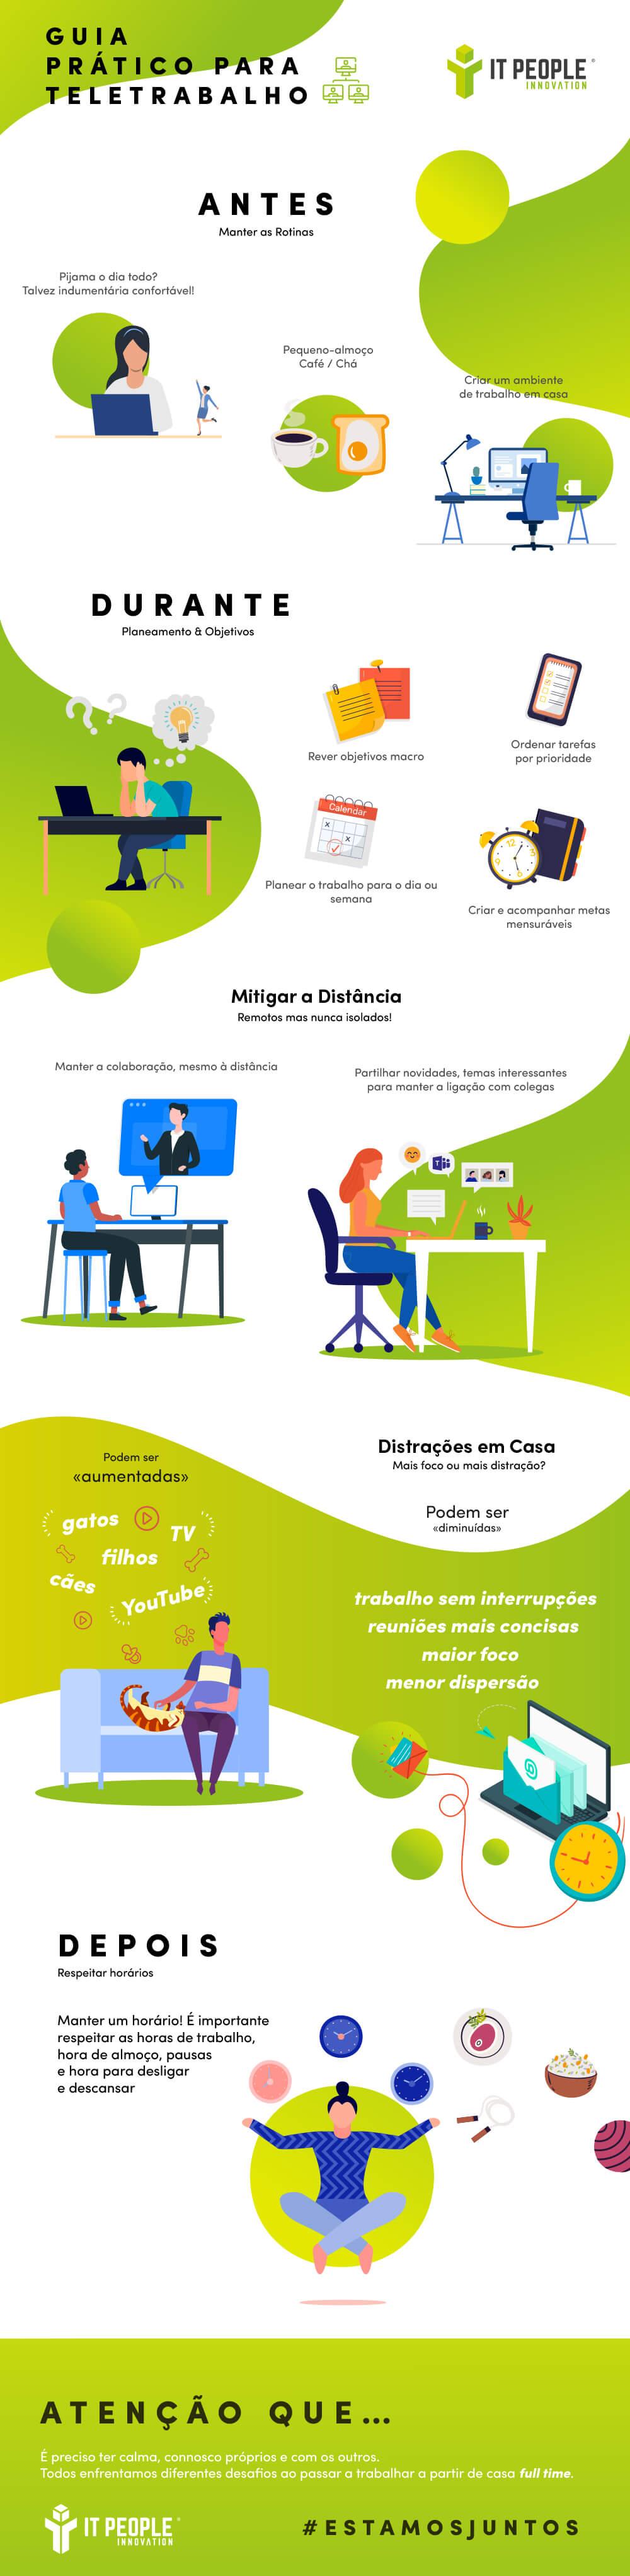 Infografia - Guia prático para o teletrablaho - IT People Innovation - dicas para produtividade em casa